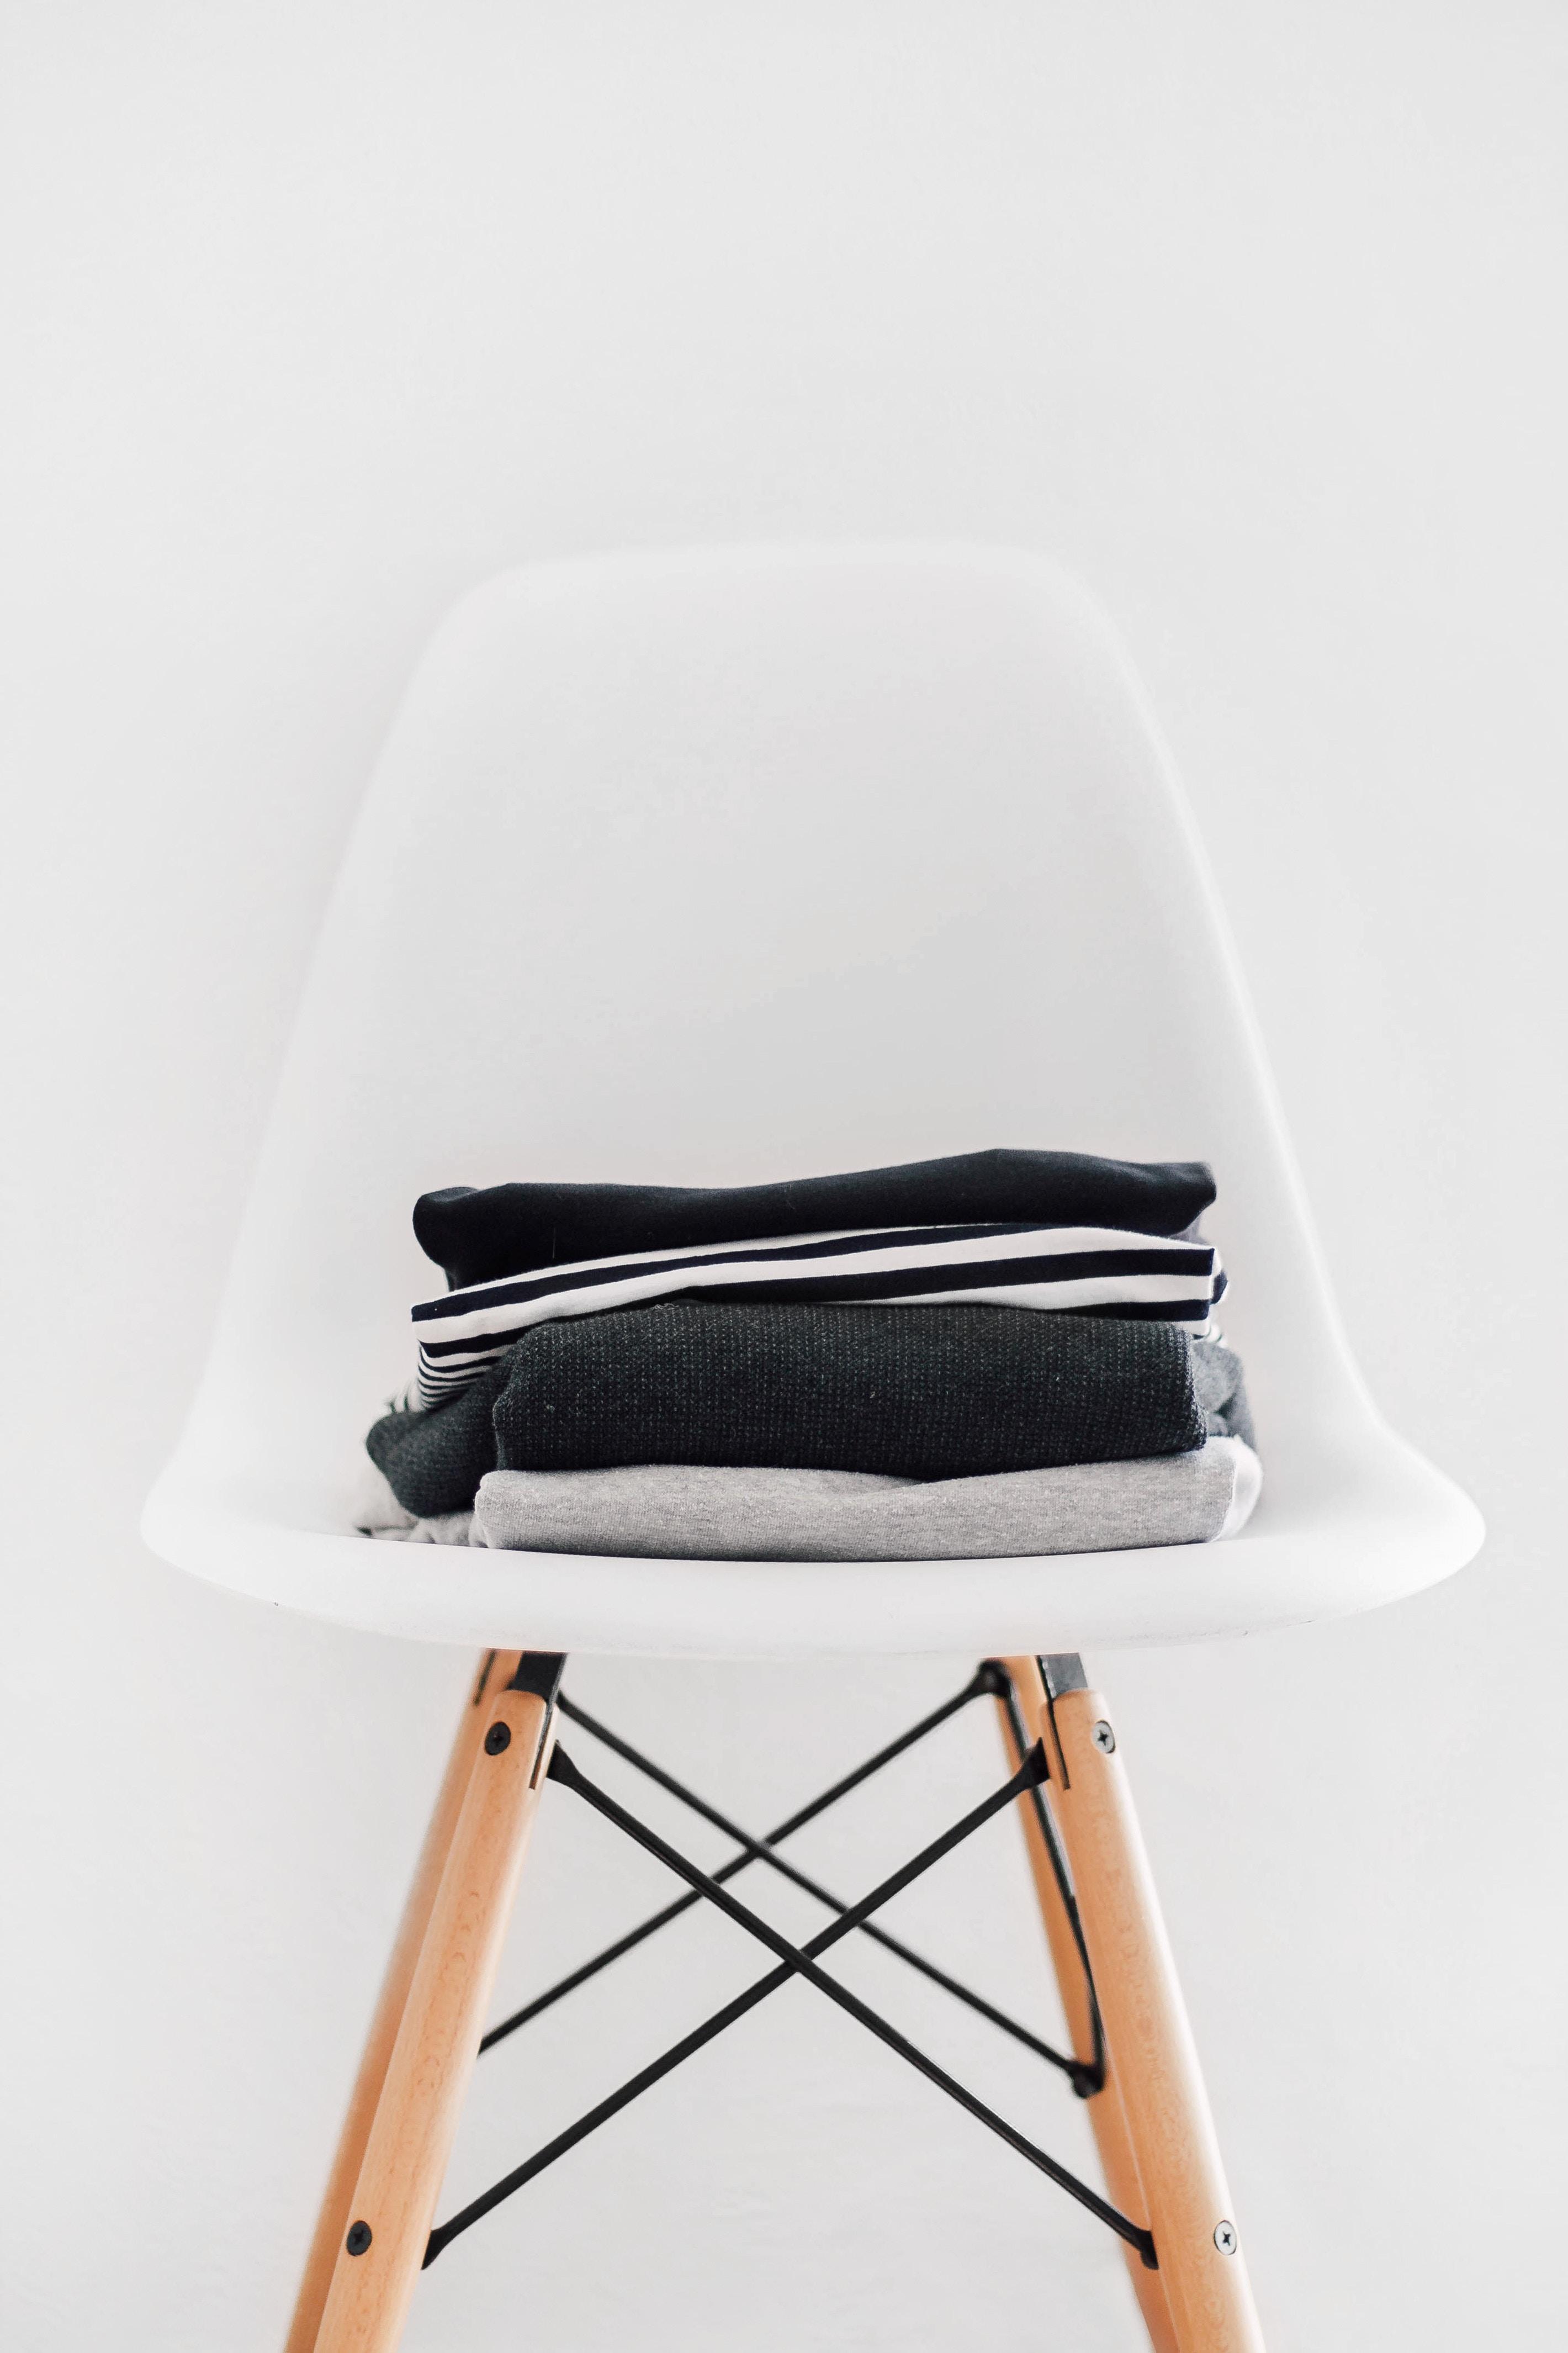 Shop modetøj med stil online hos engbork.dk